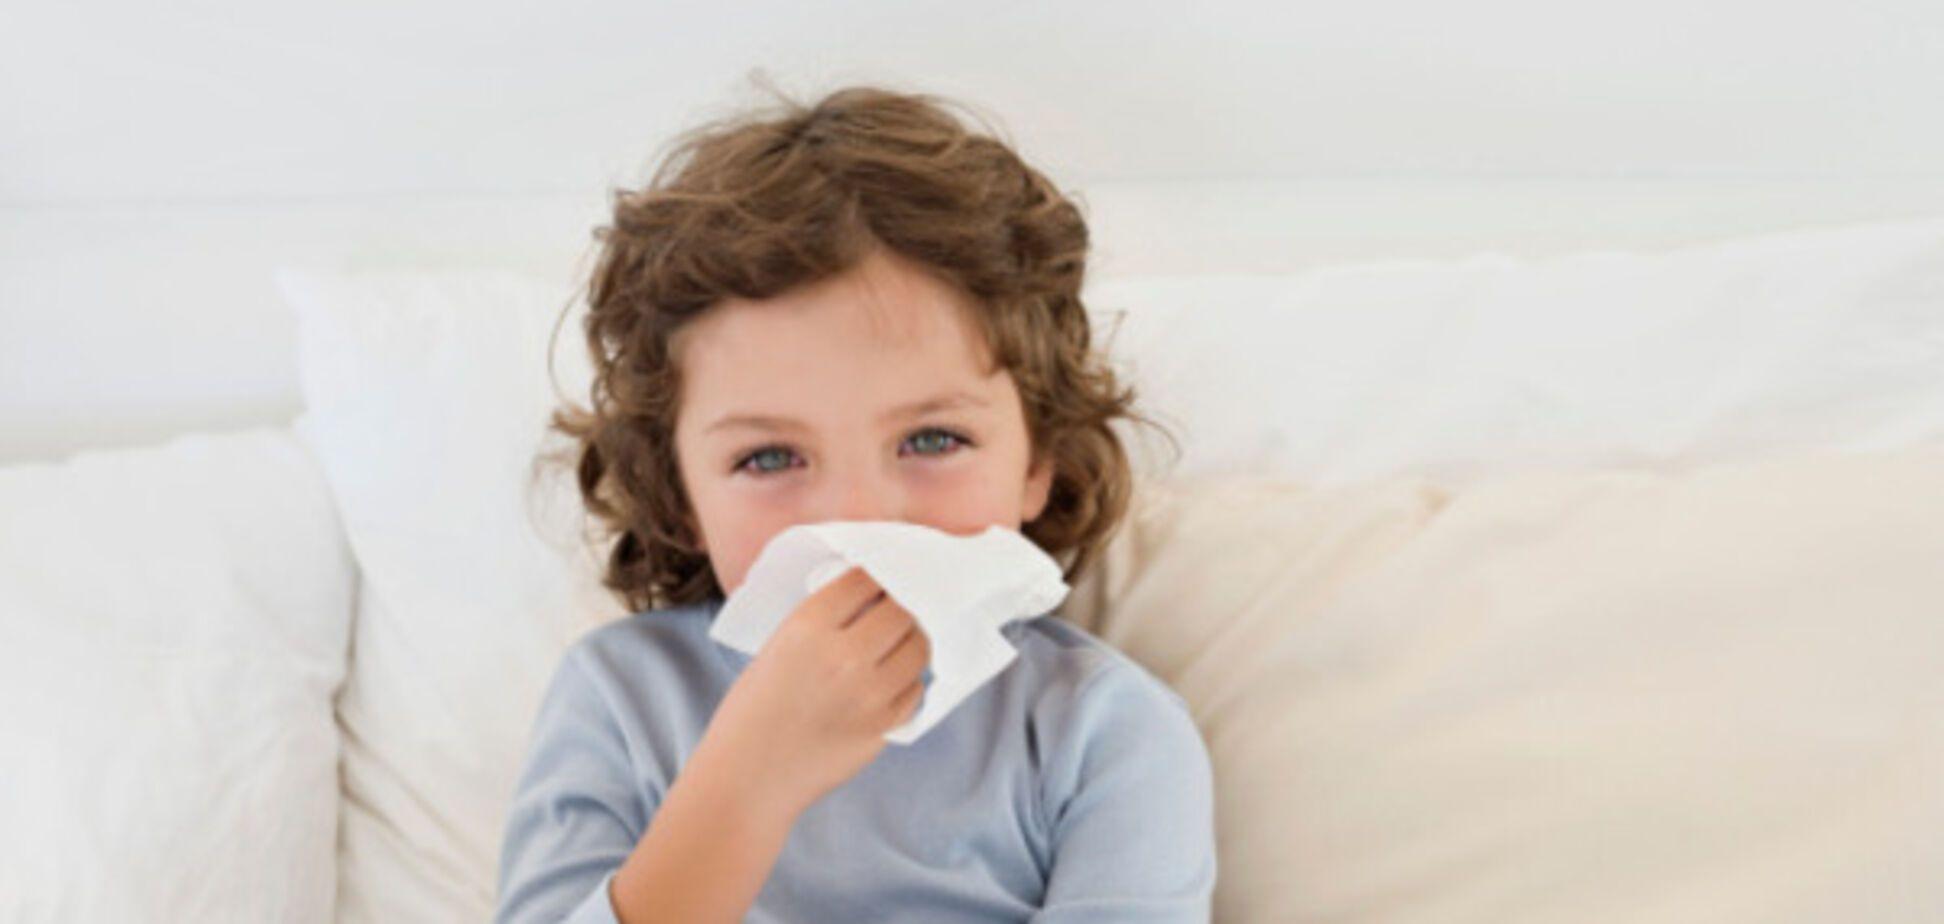 Пневмония: симптомы, лечение, профилактика